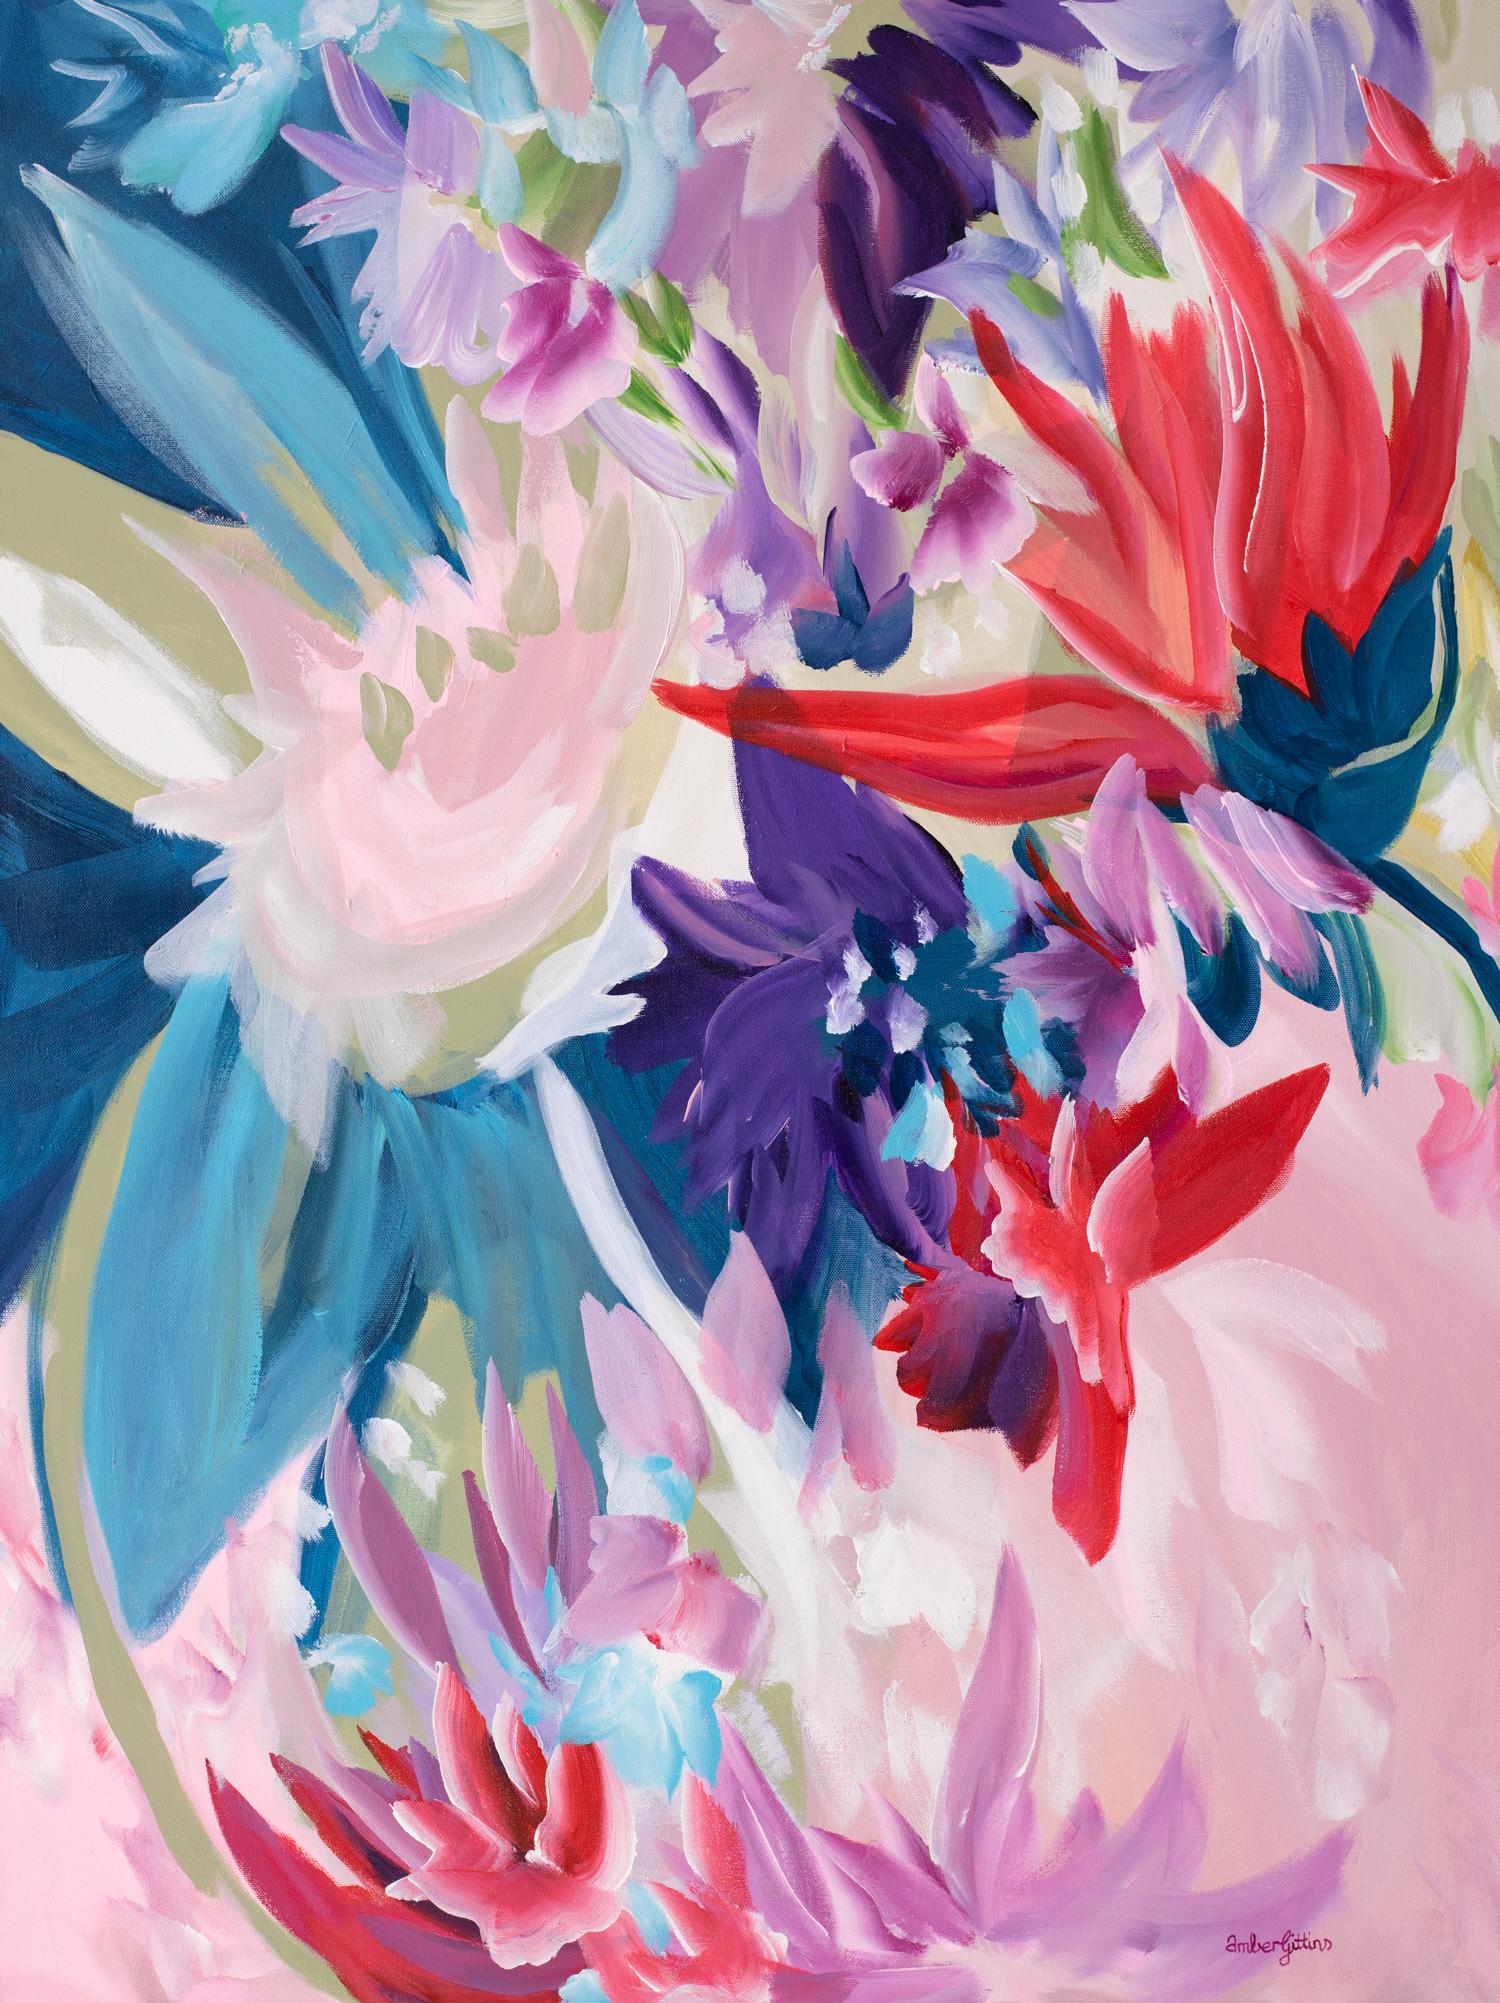 Pink Diamonds By Amber Gittins